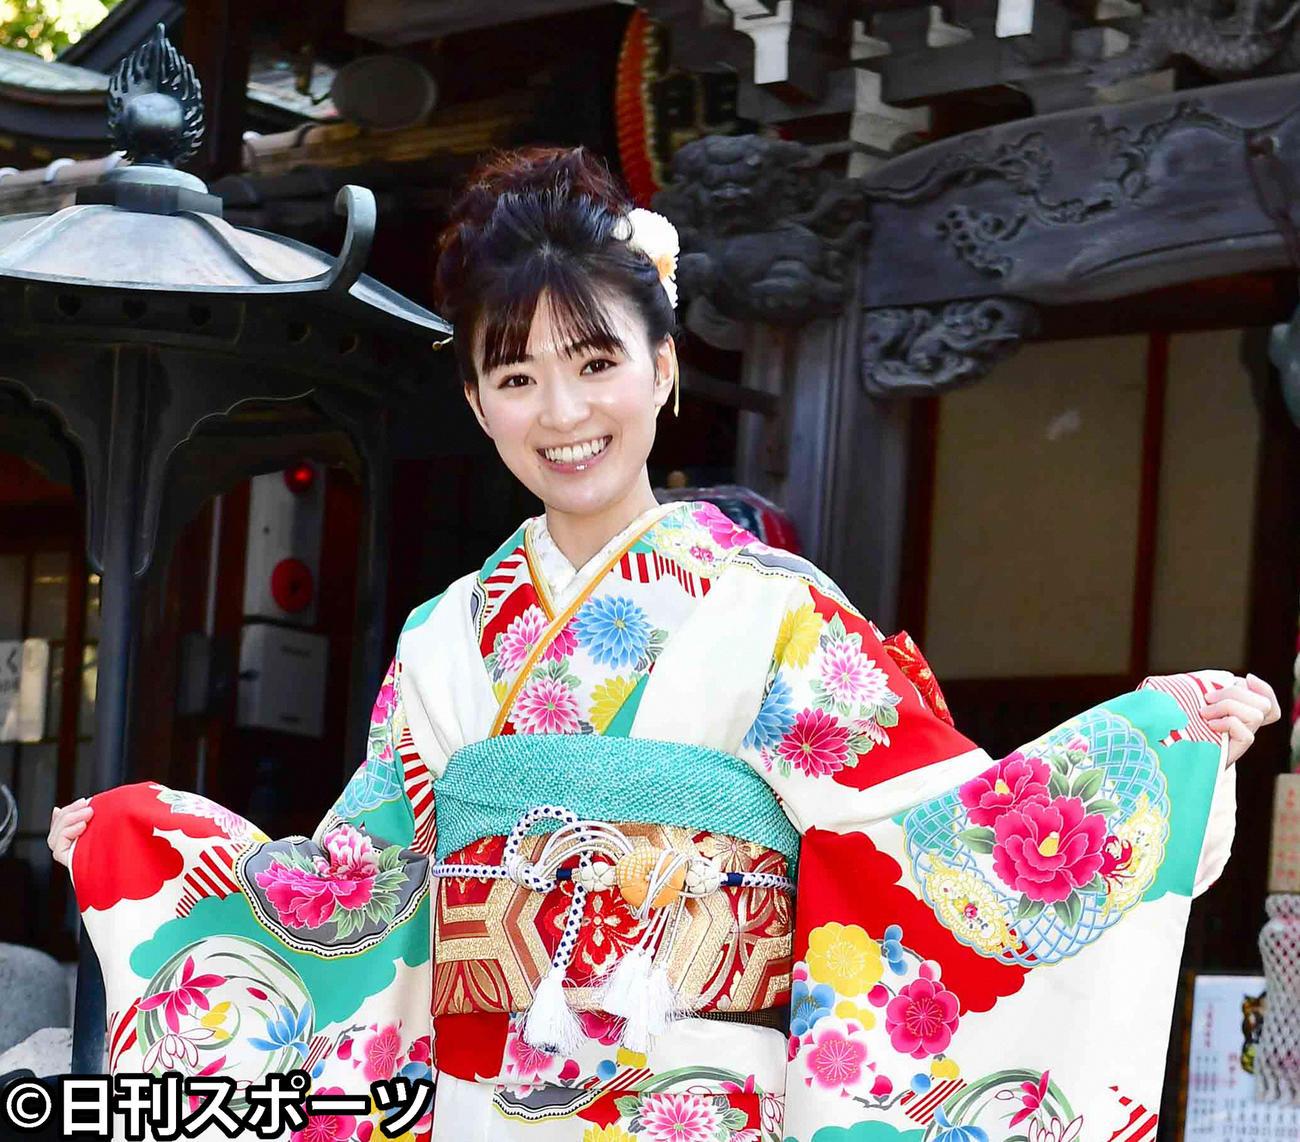 成人の日を前に晴れ着を披露した優希美青(2020年1月9日撮影)